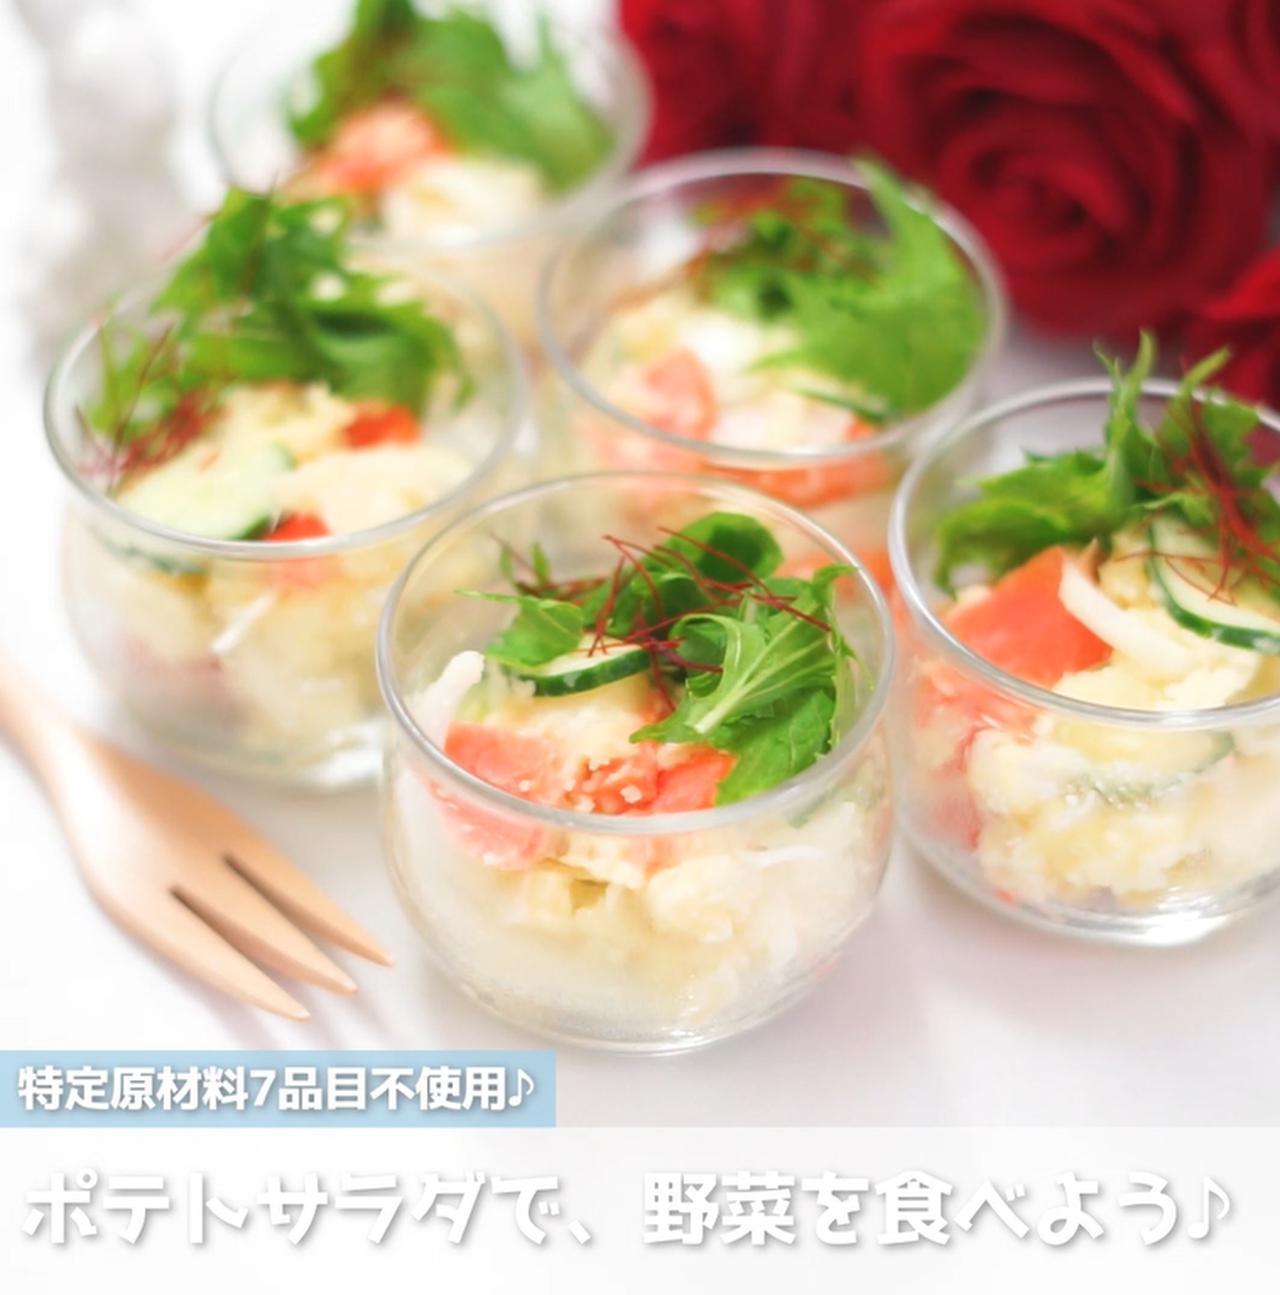 画像: たまご不使用のマヨネーズで作るポテトサラダ - 君とごはん